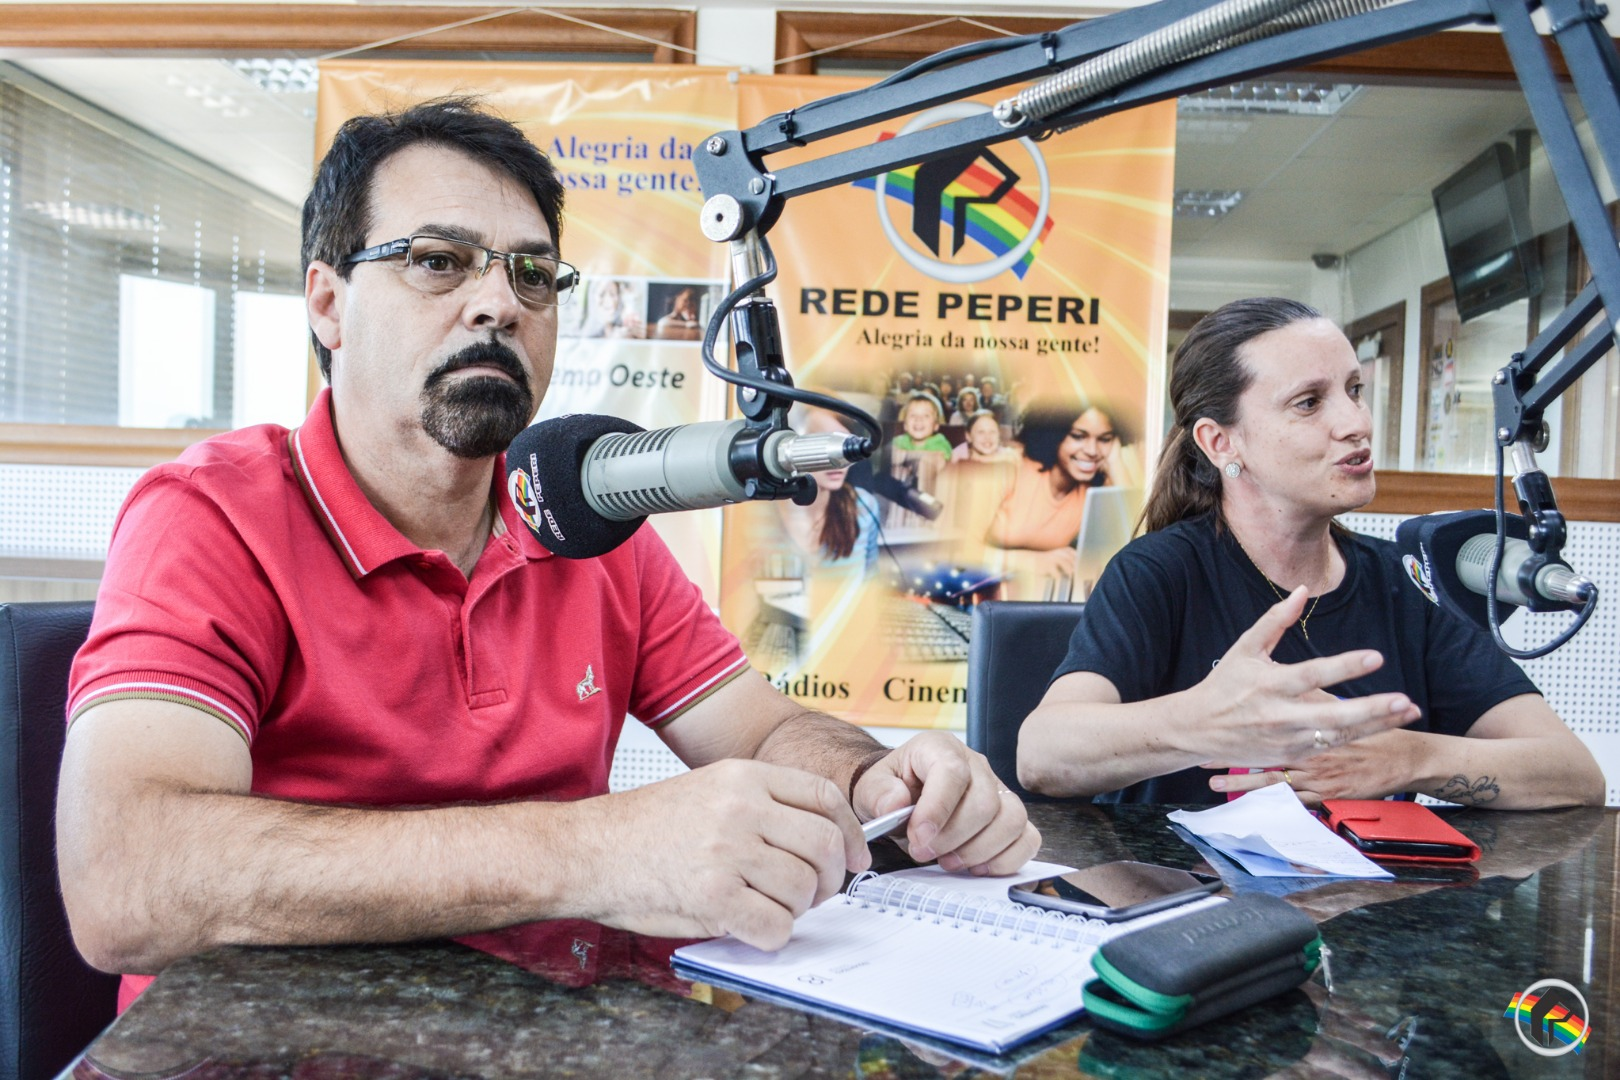 VÍDEO: Peperi fala sobre as ações do Novembro Azul